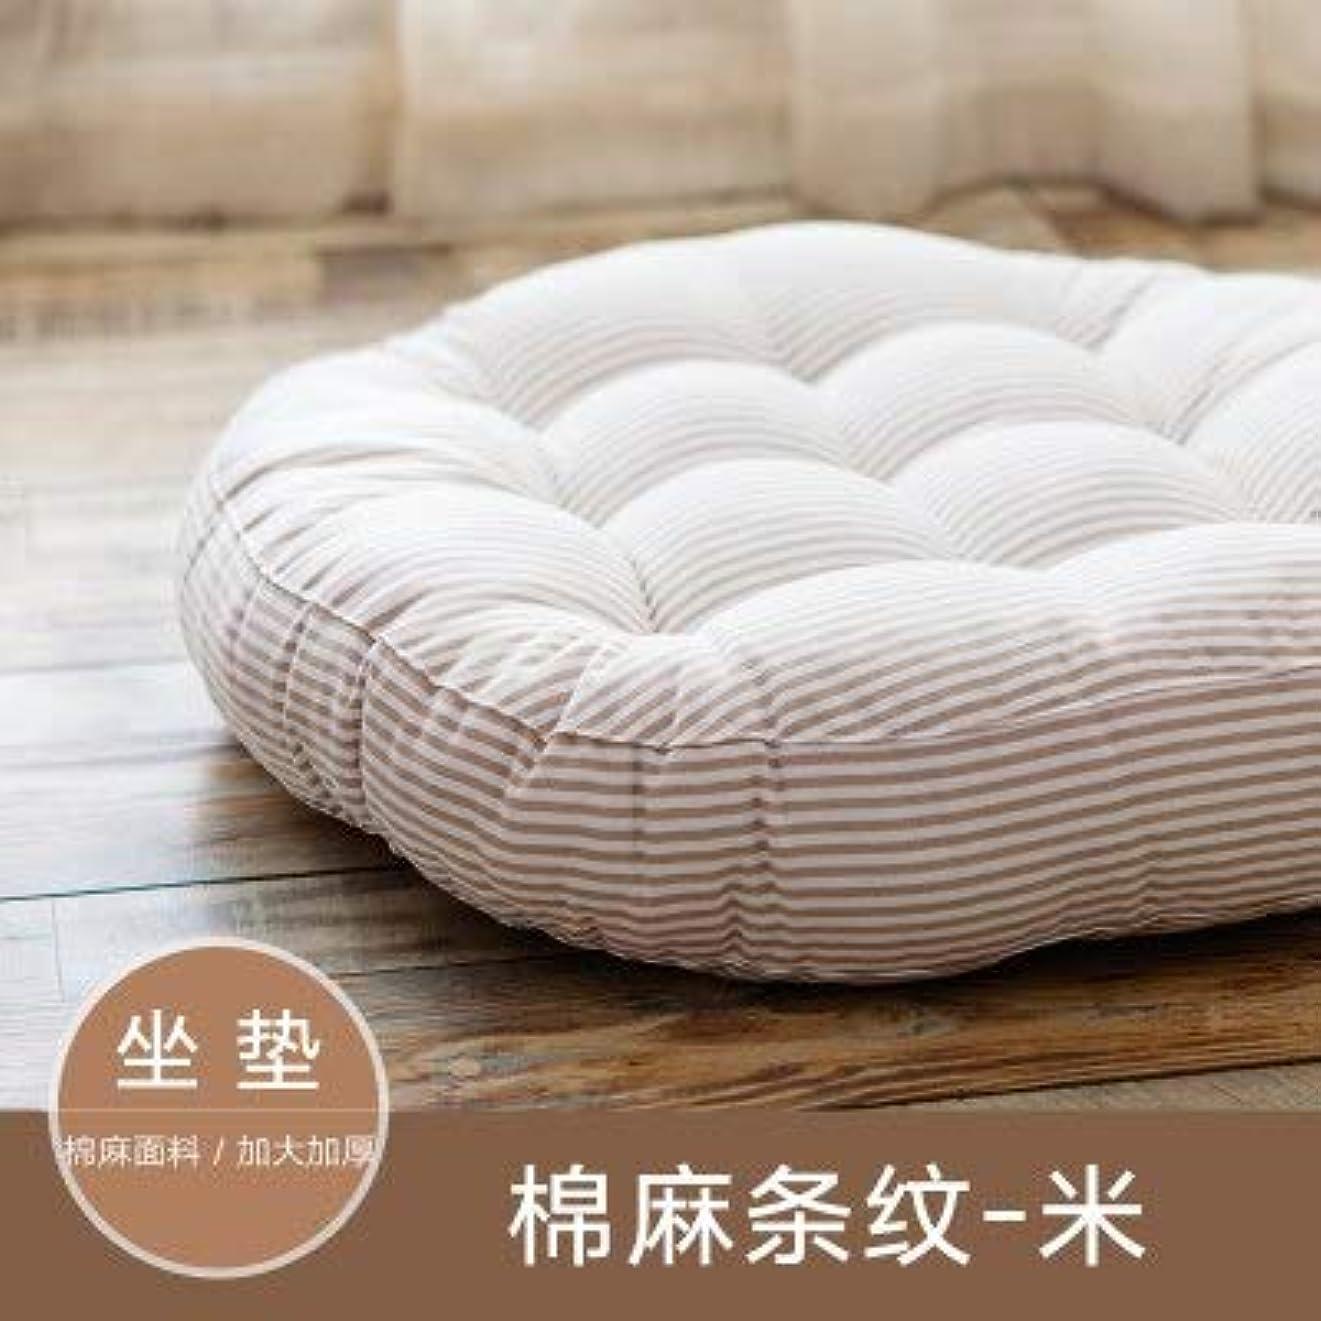 変更可能複雑な腐敗LIFE ラウンド厚い椅子のクッションフロアマットレスシートパッドソフトホームオフィスチェアクッションマットソフトスロー枕最高品質の床クッション クッション 椅子